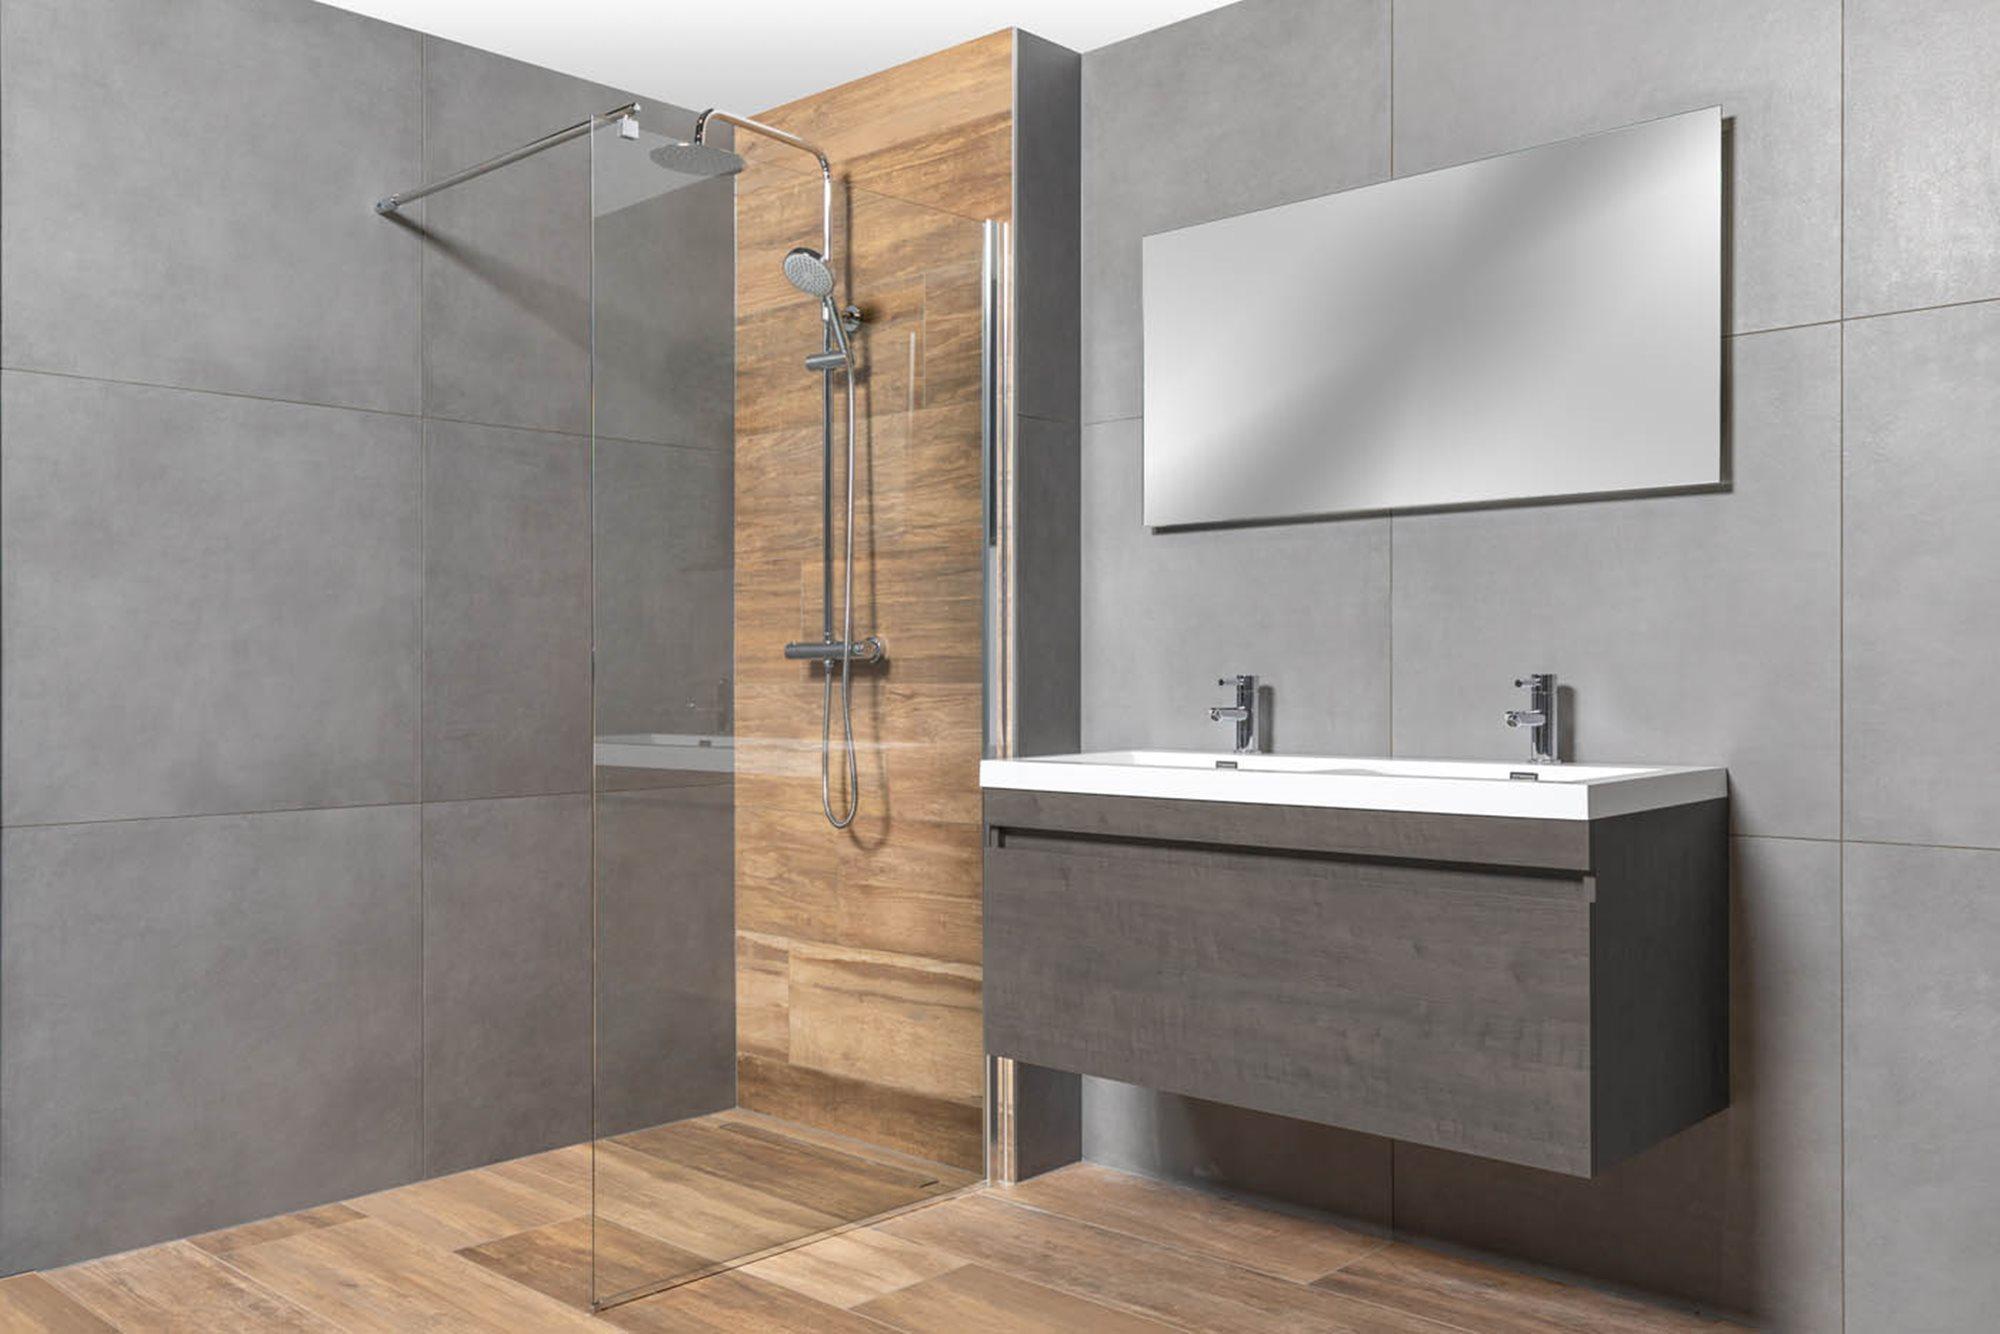 tips-inloopdouche-plaatsen-houtlook-tegels-grijze-tegels-inloopdouche-grijs-badkamermeubel.jpg